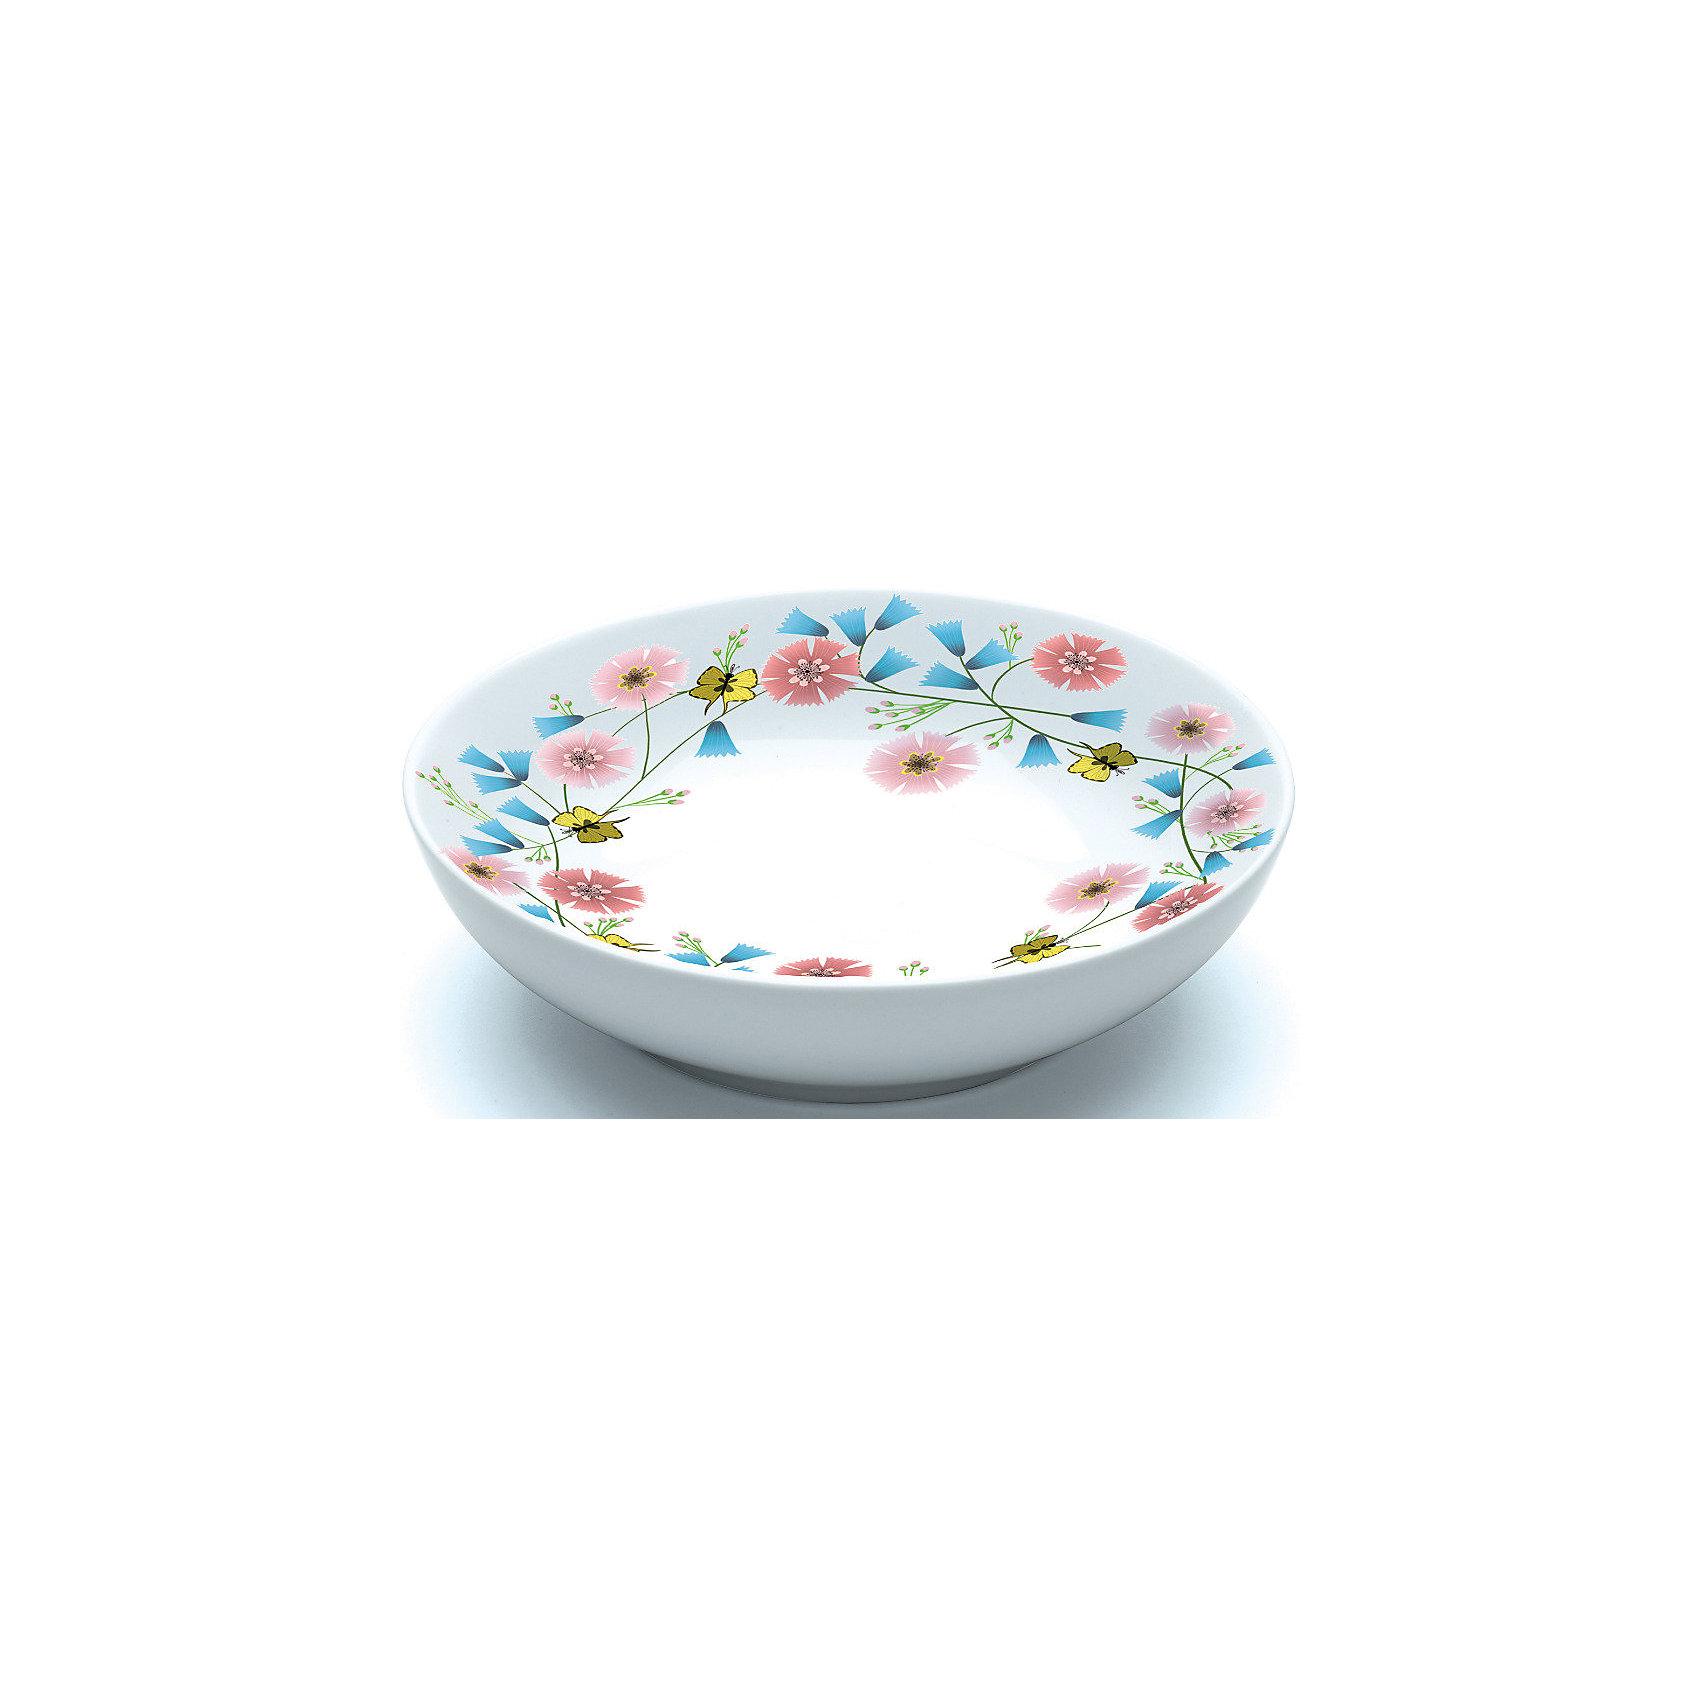 Суповая тарелка Чаепитие, DJECOСуповая тарелка Чаепитие, DJECO<br><br><br>Характеристики:<br><br>• Материал: фарфор<br>• Размер: 16.5 х 16.5 х 4.5 см<br>• В комплекте: 1 тарелка<br>• Возраст: от 2 лет<br>• Пол: для девочек<br><br>Красивая суповая тарелка отлично разнообразит обед маленьких девочек. На тарелке юная принцесса увидит красивые и разнообразные цветы и маленьких желтых бабочек. Такая тарелка сможет увлечь принцессу и заставит ее быстро скушать свой обед. Тарелка изготовлена из прочного и качественного материала, который не вызывает аллергию. Краска на тарелке не стирается от мытья и не попадает в еду, что делает ее не только красивой, но и безопасной.<br><br>Суповая тарелка Чаепитие, DJECO можно купить в нашем интернет-магазине.<br><br>Ширина мм: 170<br>Глубина мм: 170<br>Высота мм: 50<br>Вес г: 400<br>Возраст от месяцев: 24<br>Возраст до месяцев: 1188<br>Пол: Женский<br>Возраст: Детский<br>SKU: 5163408